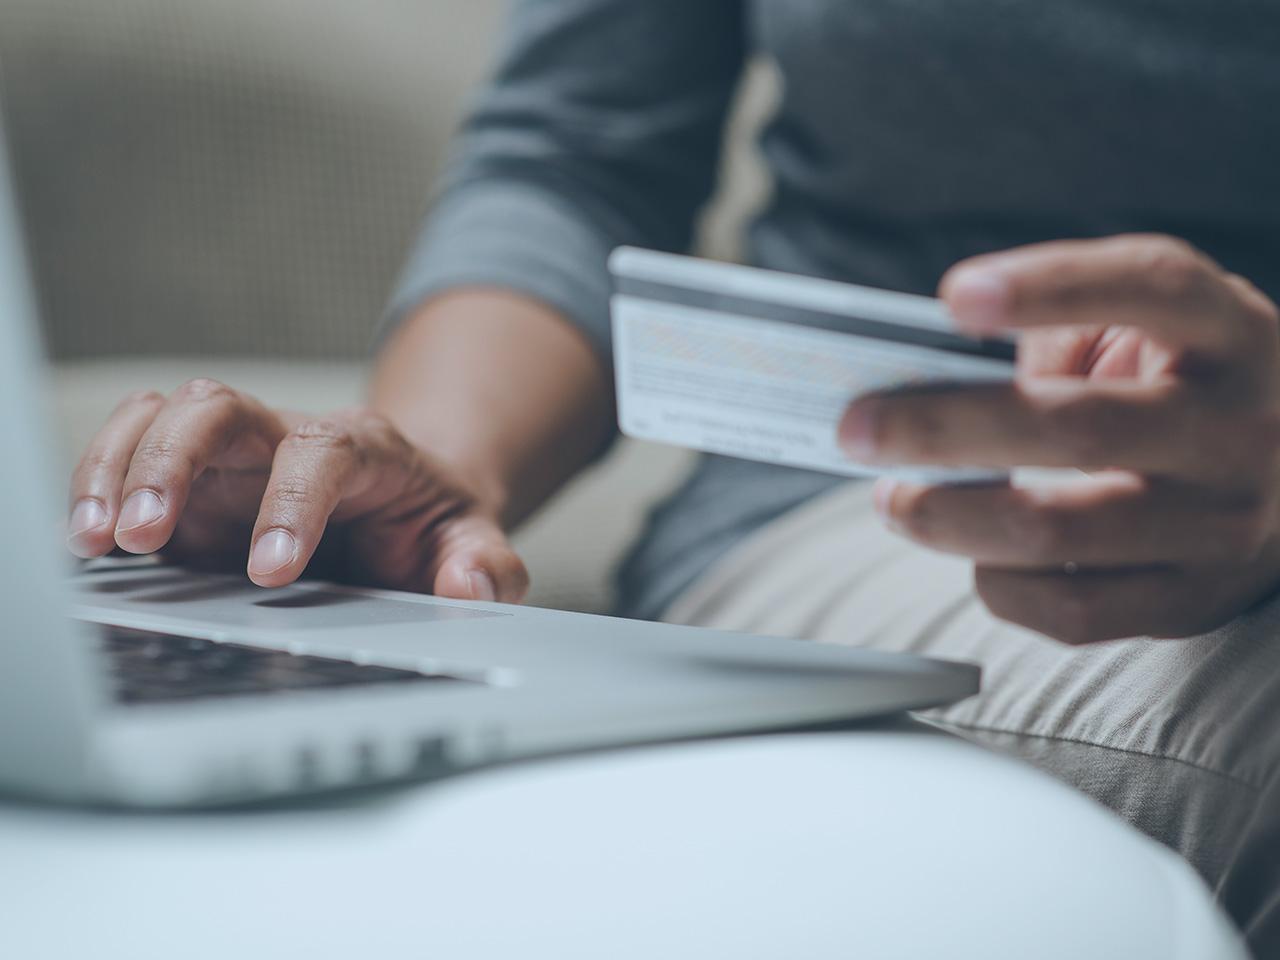 В магазинах Shopify, BigCommerce, Woocommerce и Zencart нашли новый веб-скиммер